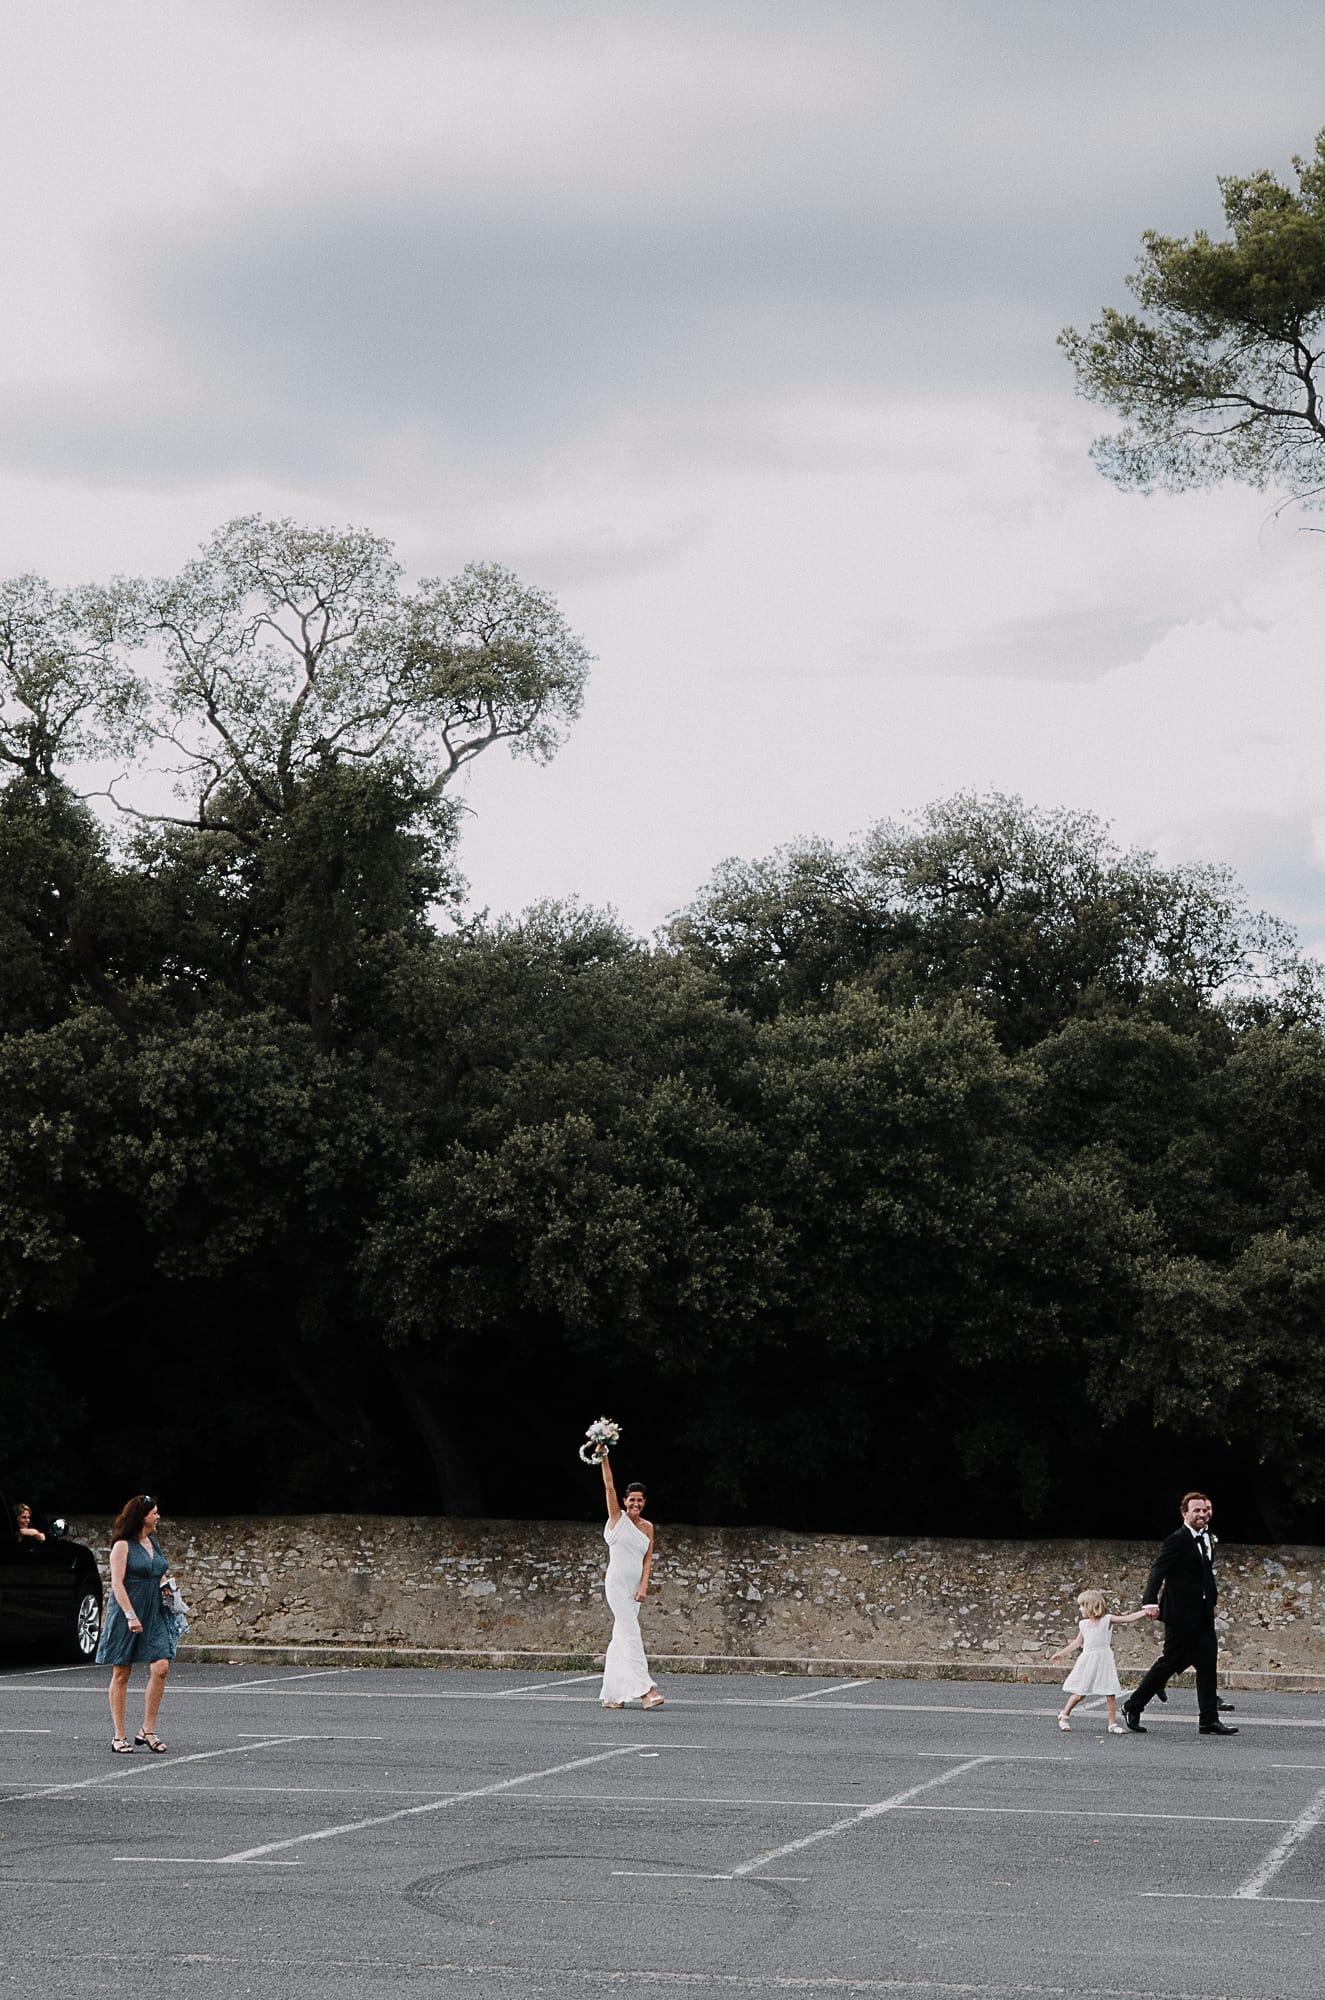 Milie Del - Photographe mariage - Blog mariage : La mariée aux pieds nus